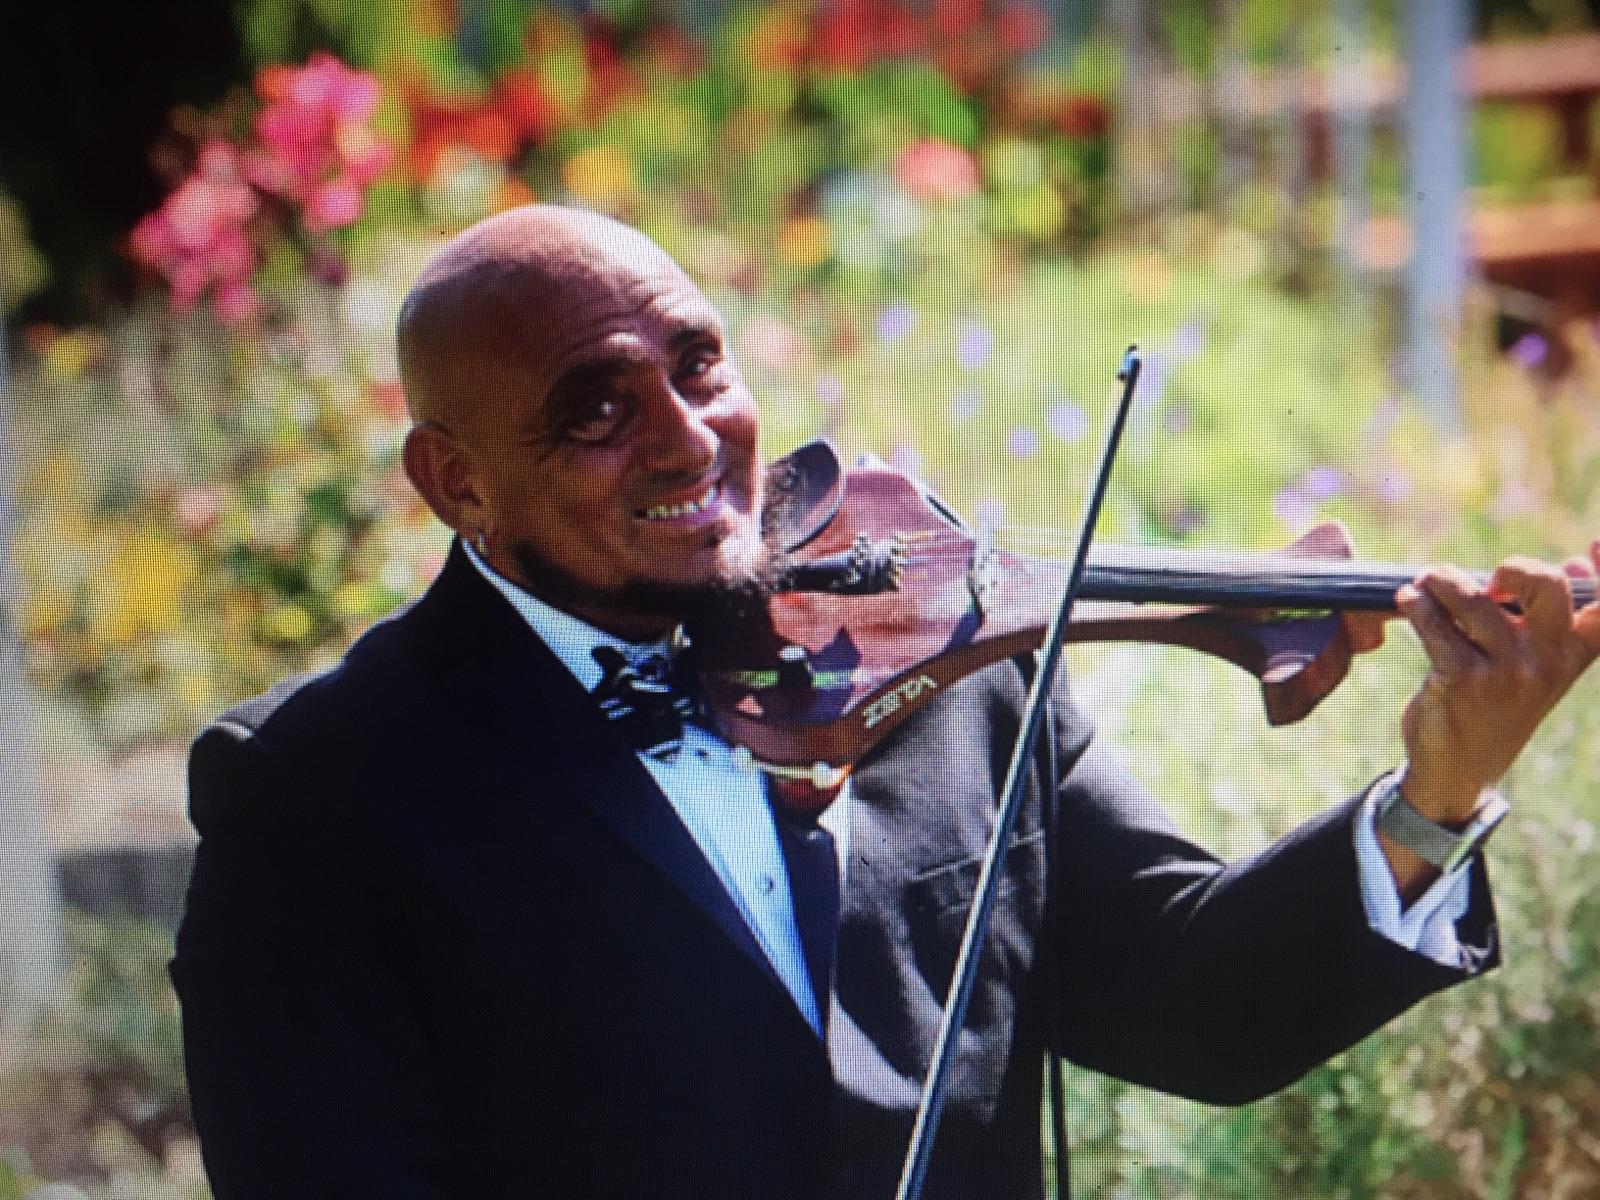 Pasquale Santos With Violin